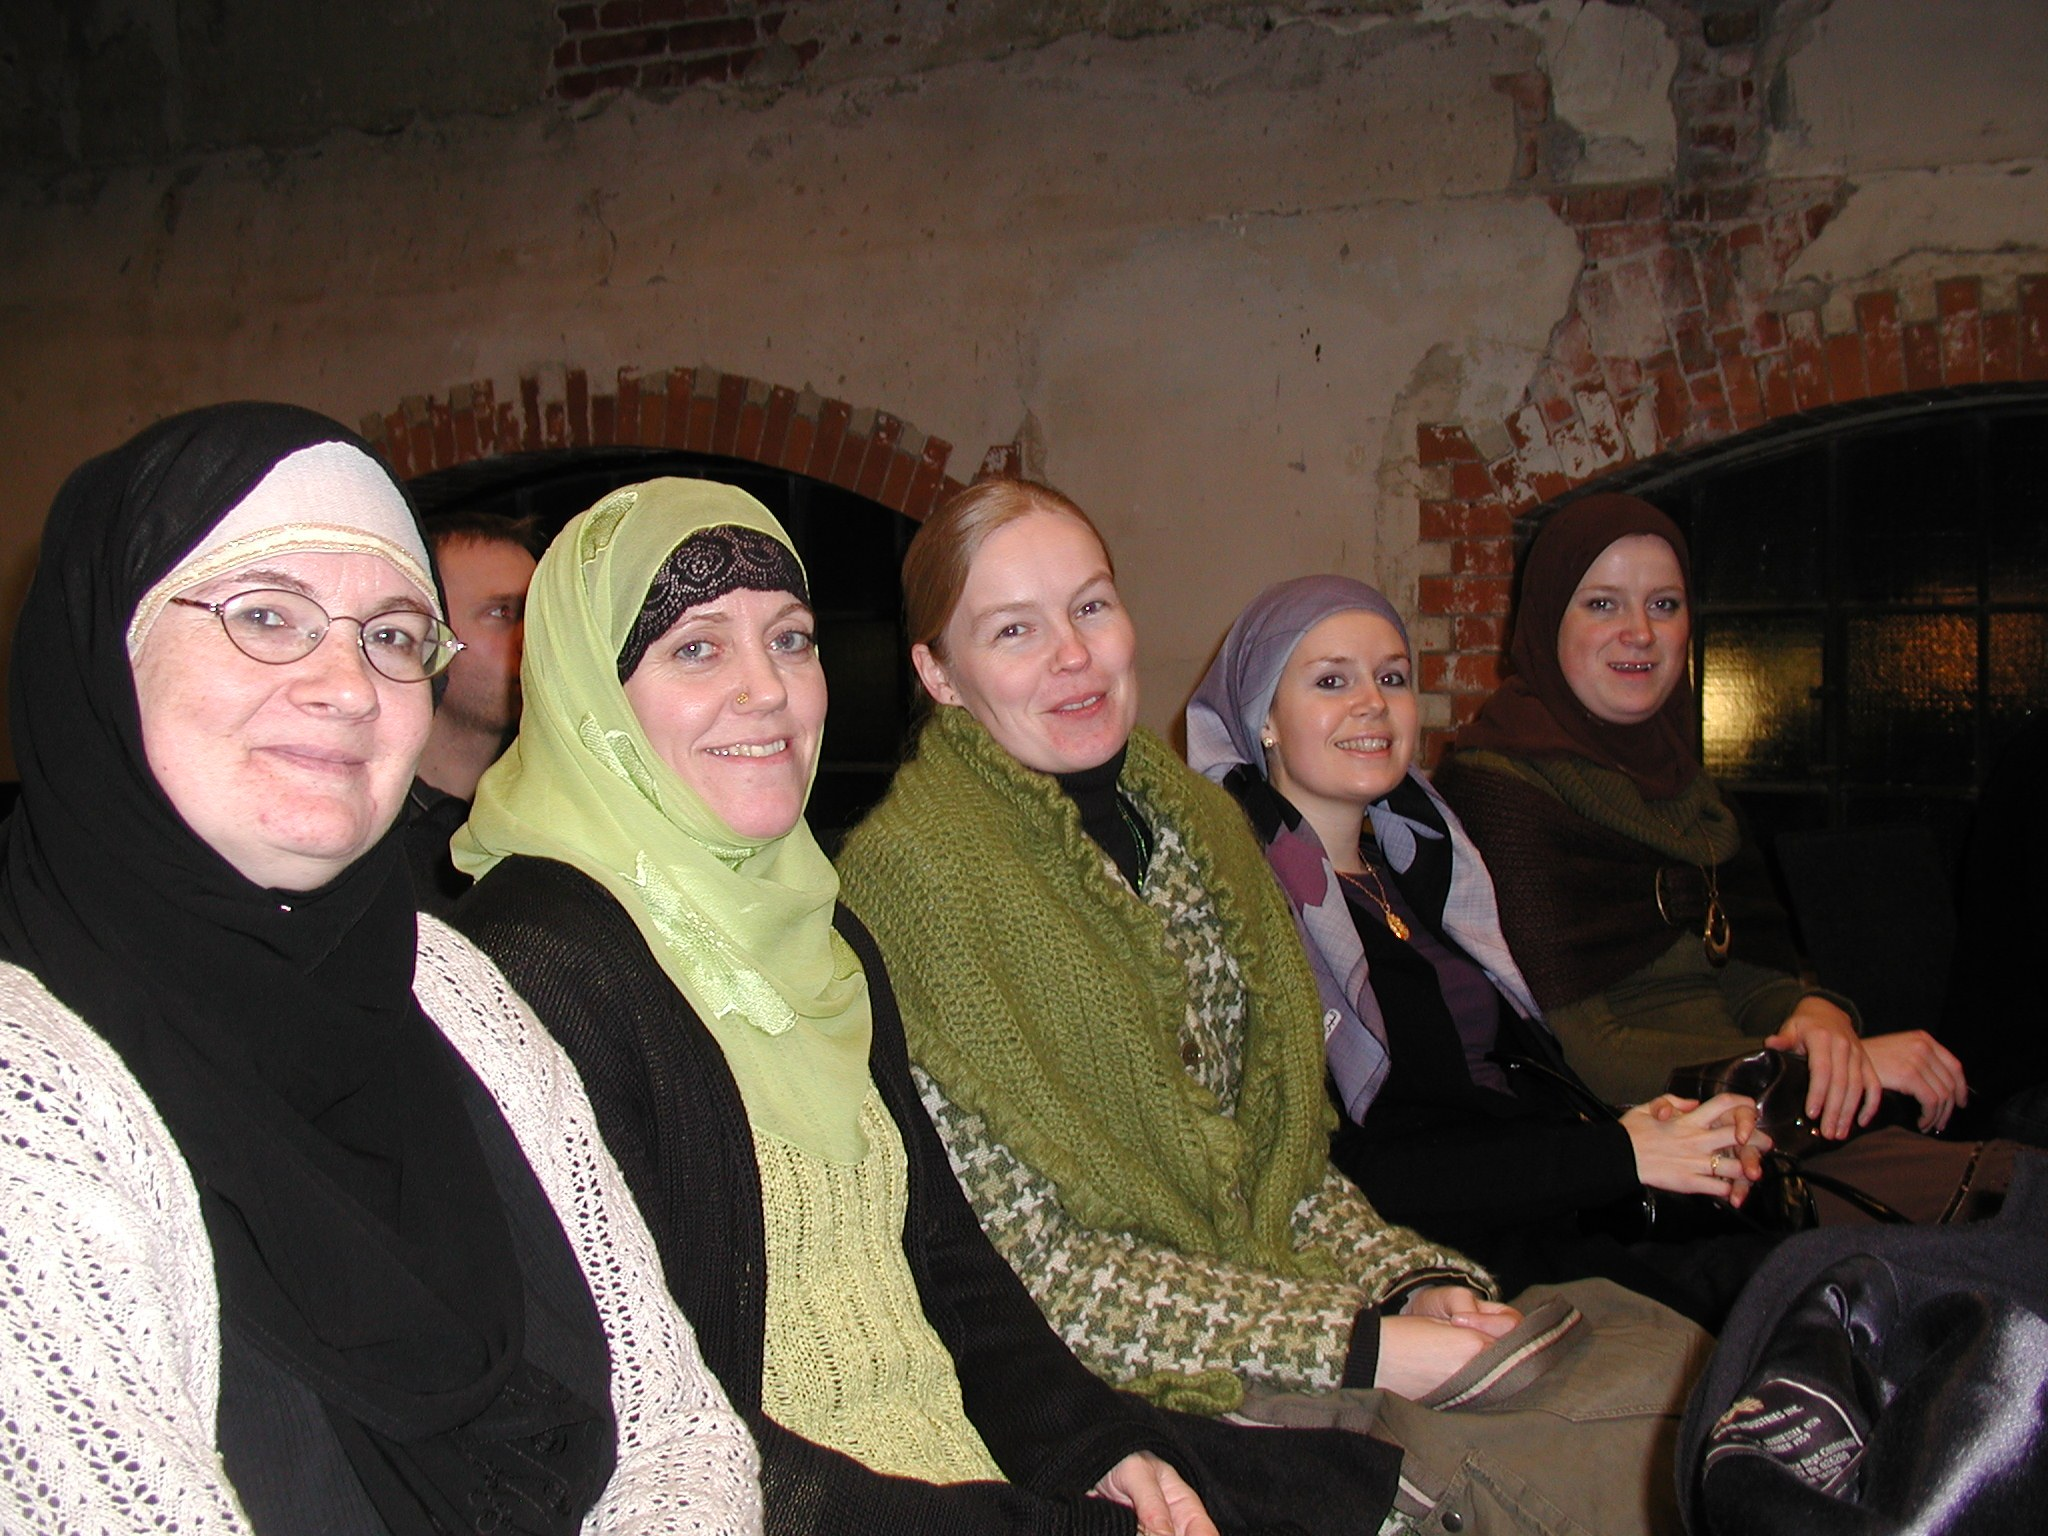 Noen av dem som var tilstede under presentasjonen av burkinien i 2006. Nummer to fra venstre er Linda Noor (i dag Minotenk, stiftet av Abid Raja)